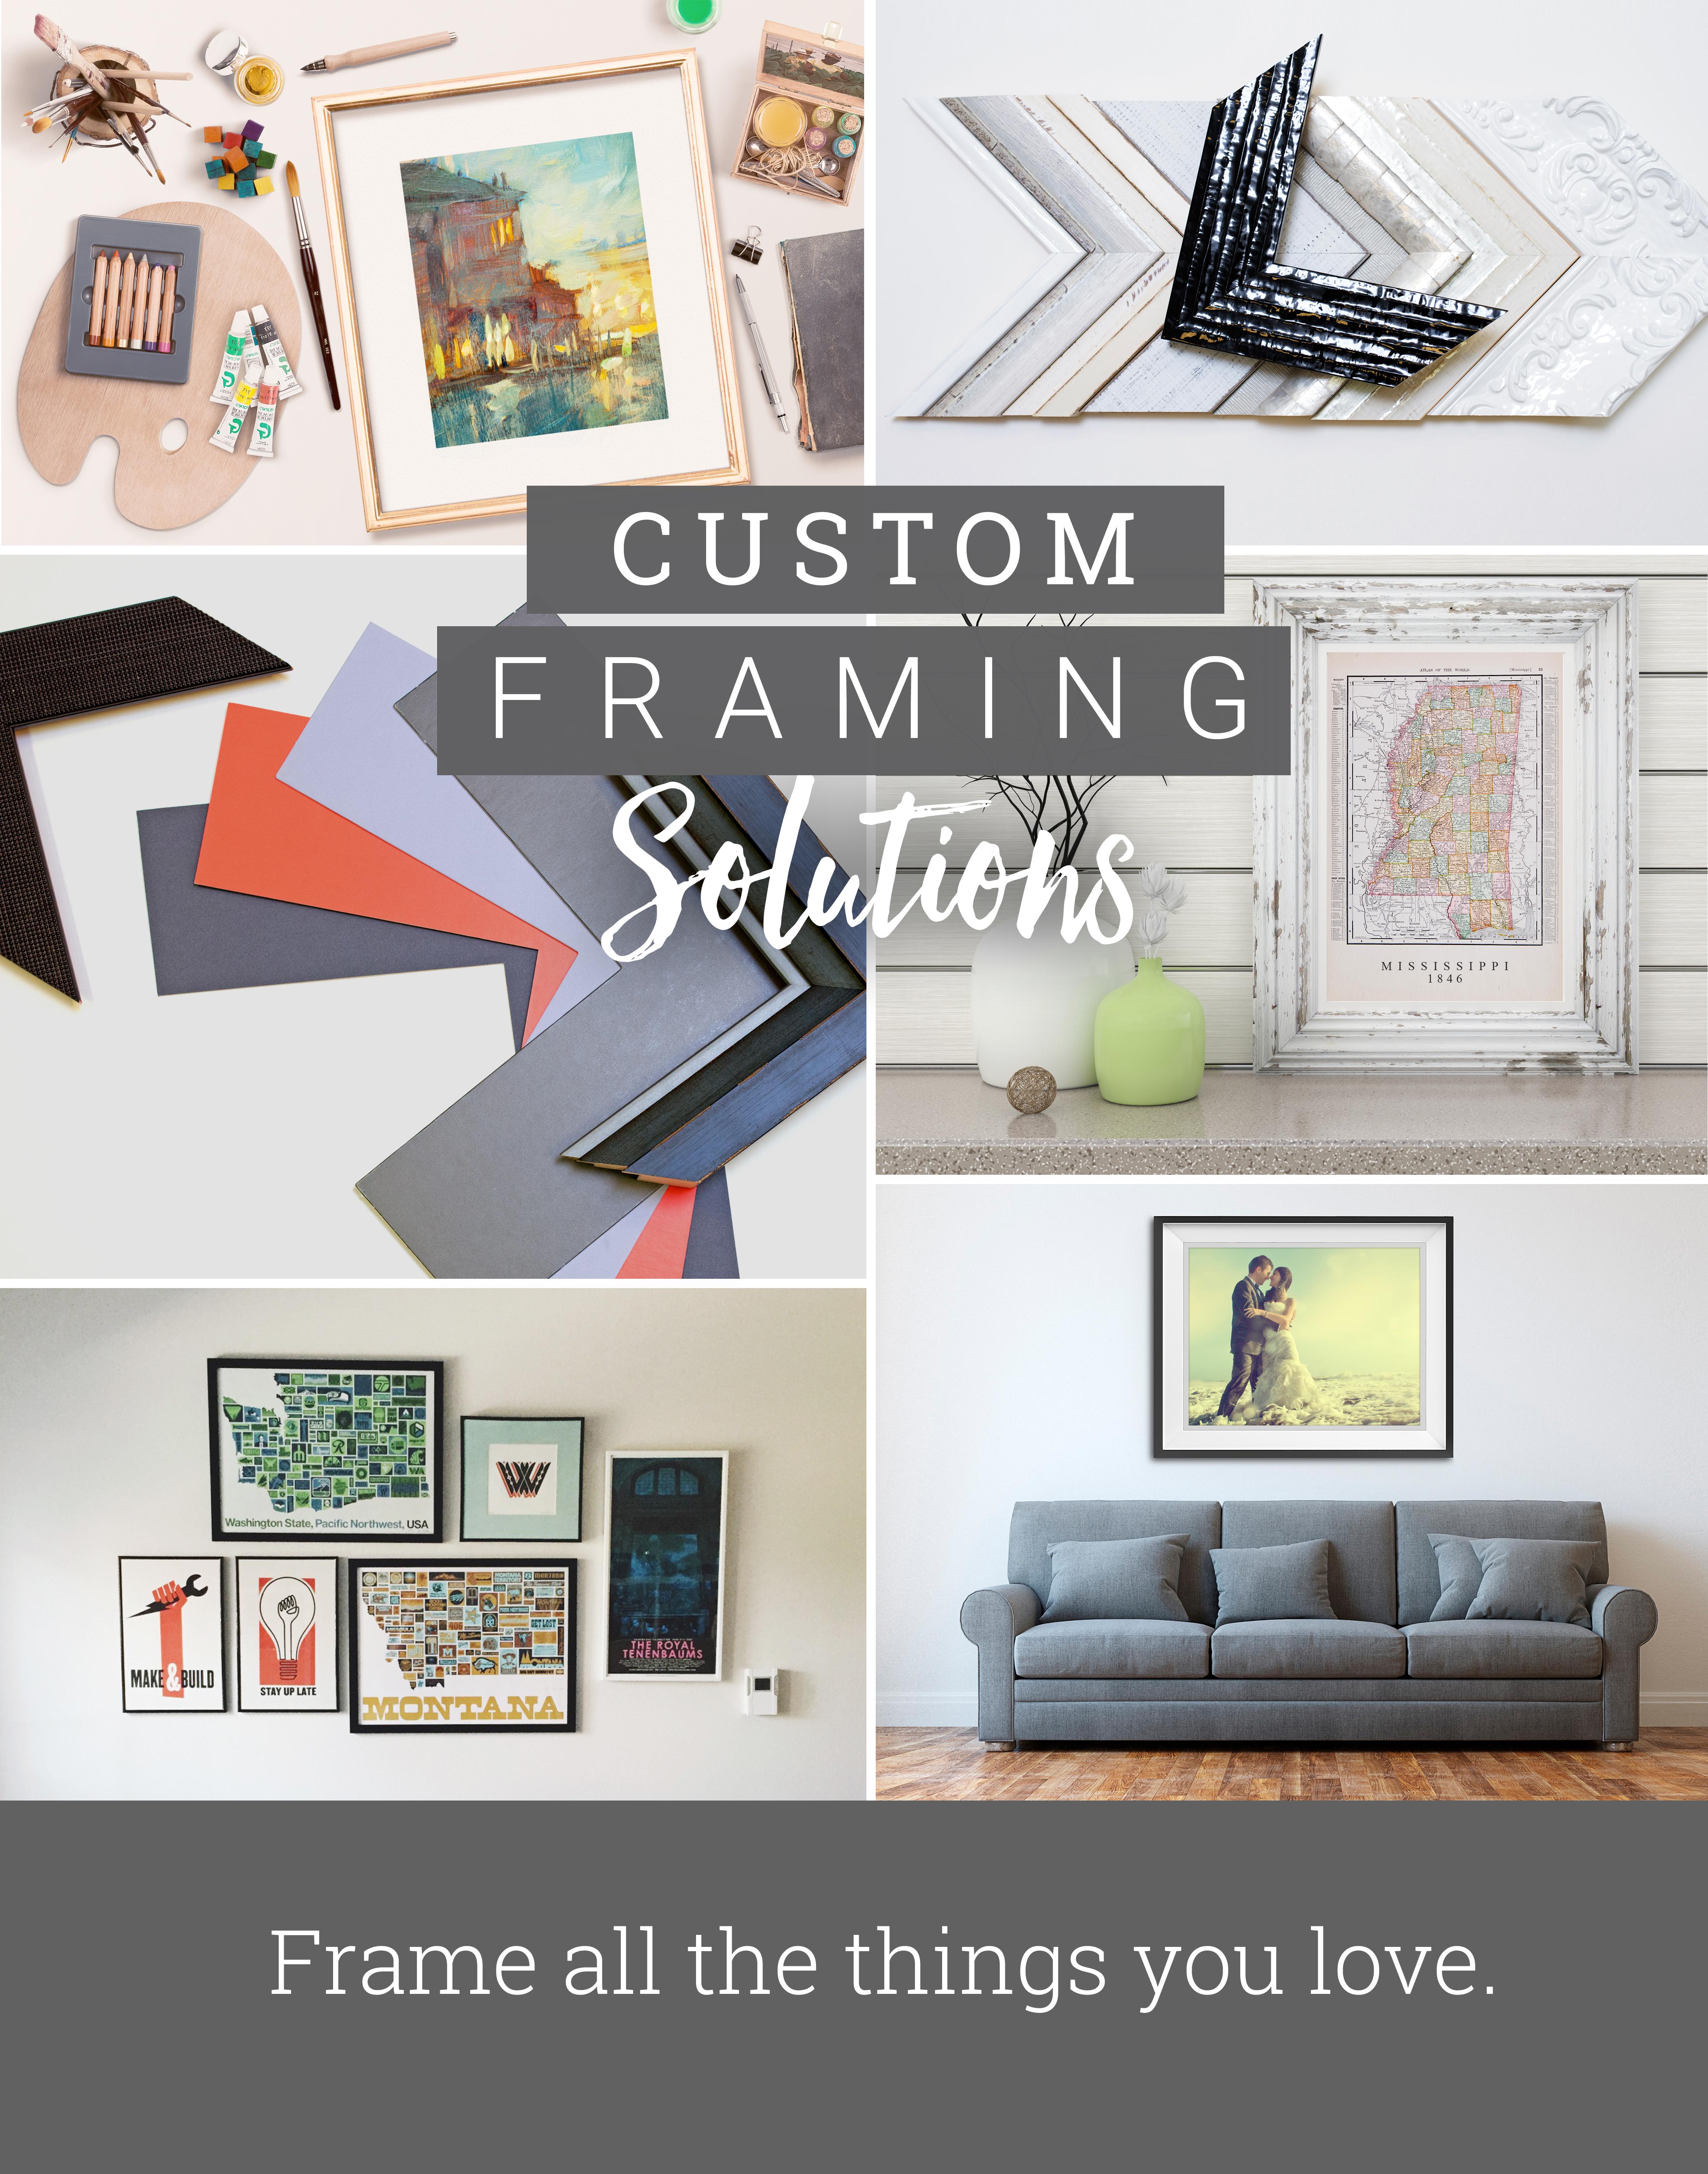 Poster-CustomFraming